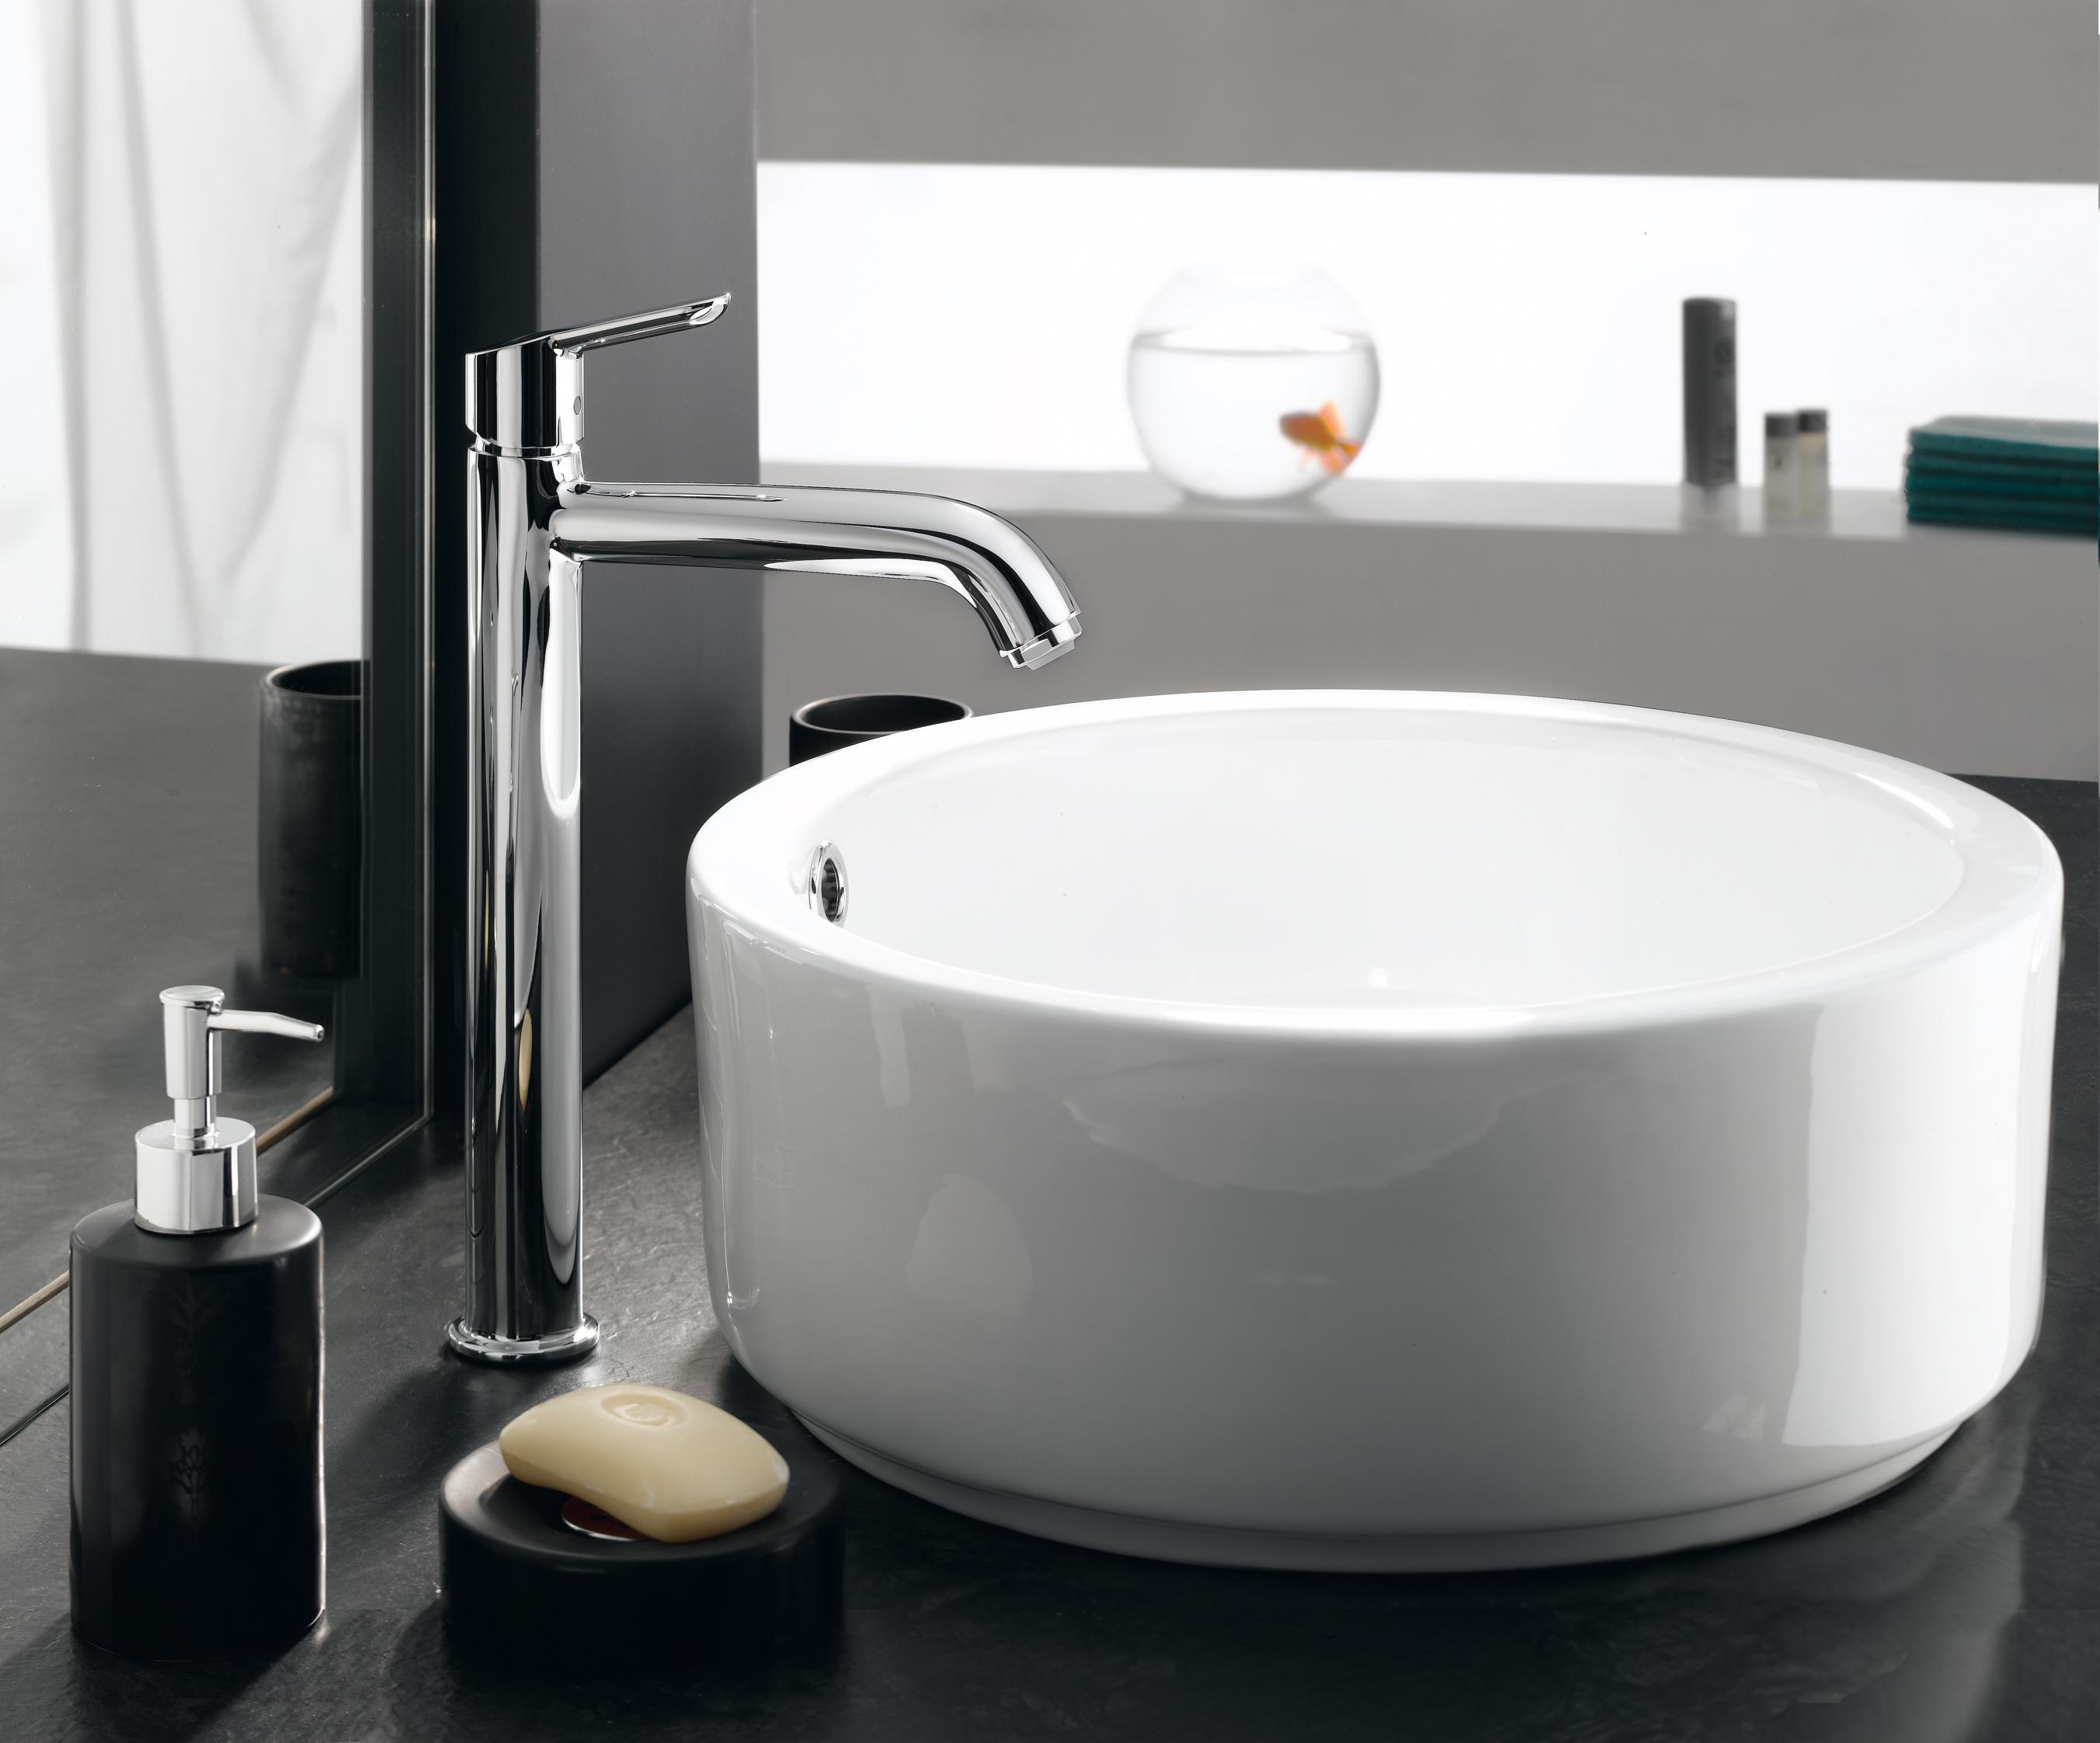 Hansgrohe mitigeur de lavabo design bec haut sportive xl for Amazon lavabos